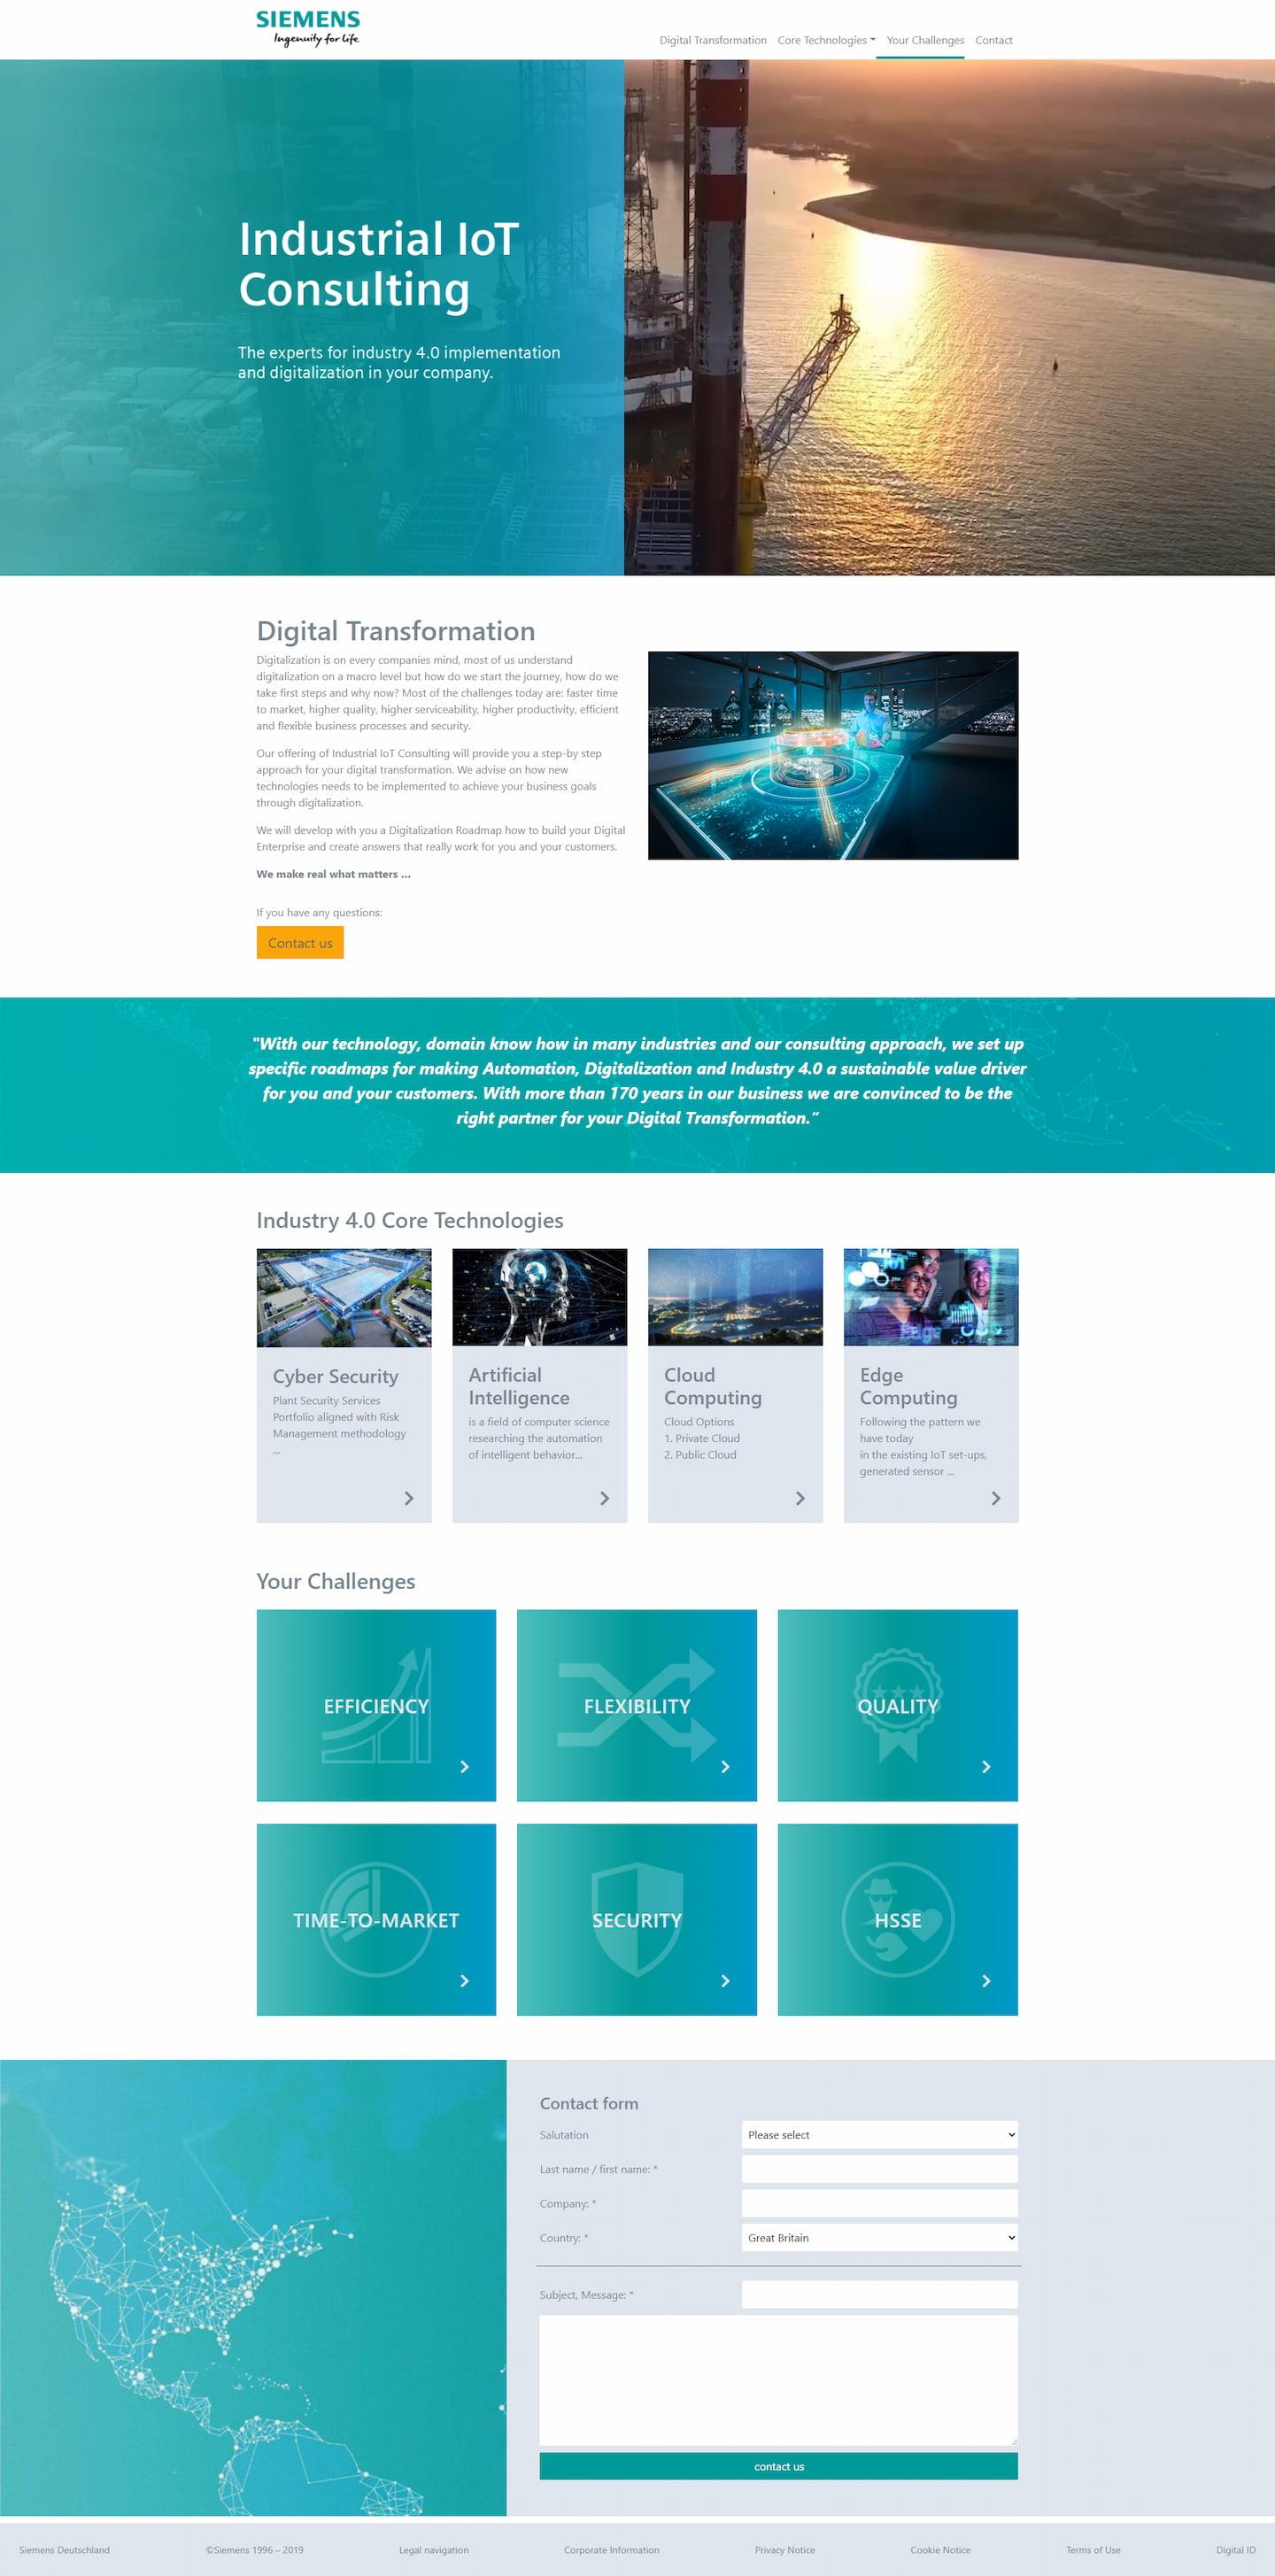 siemens-iot-webdesign